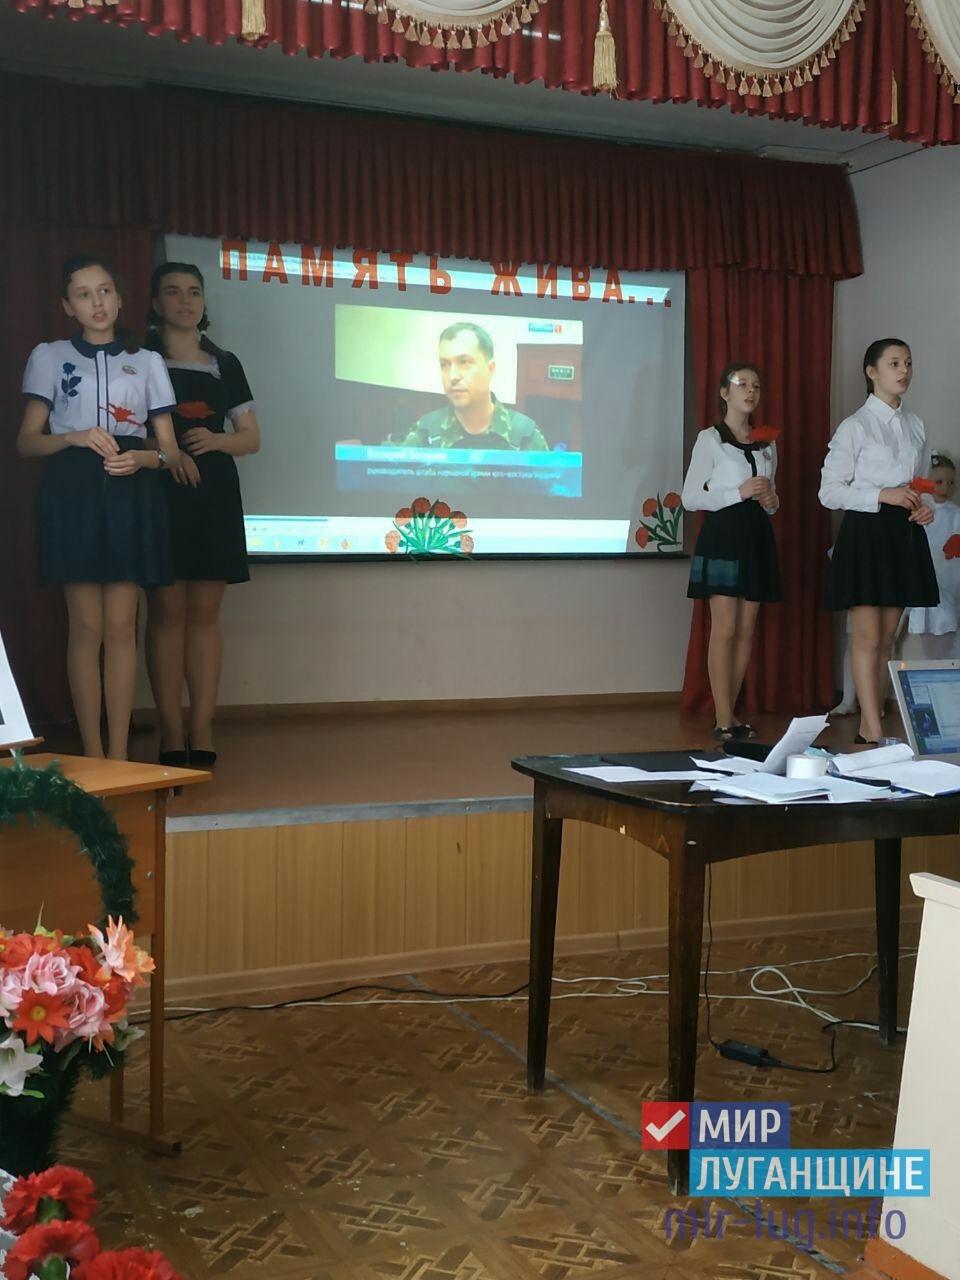 Жители Стаханова почтили память первого главы ЛНР Валерия Болотова в годовщину его смерти 1